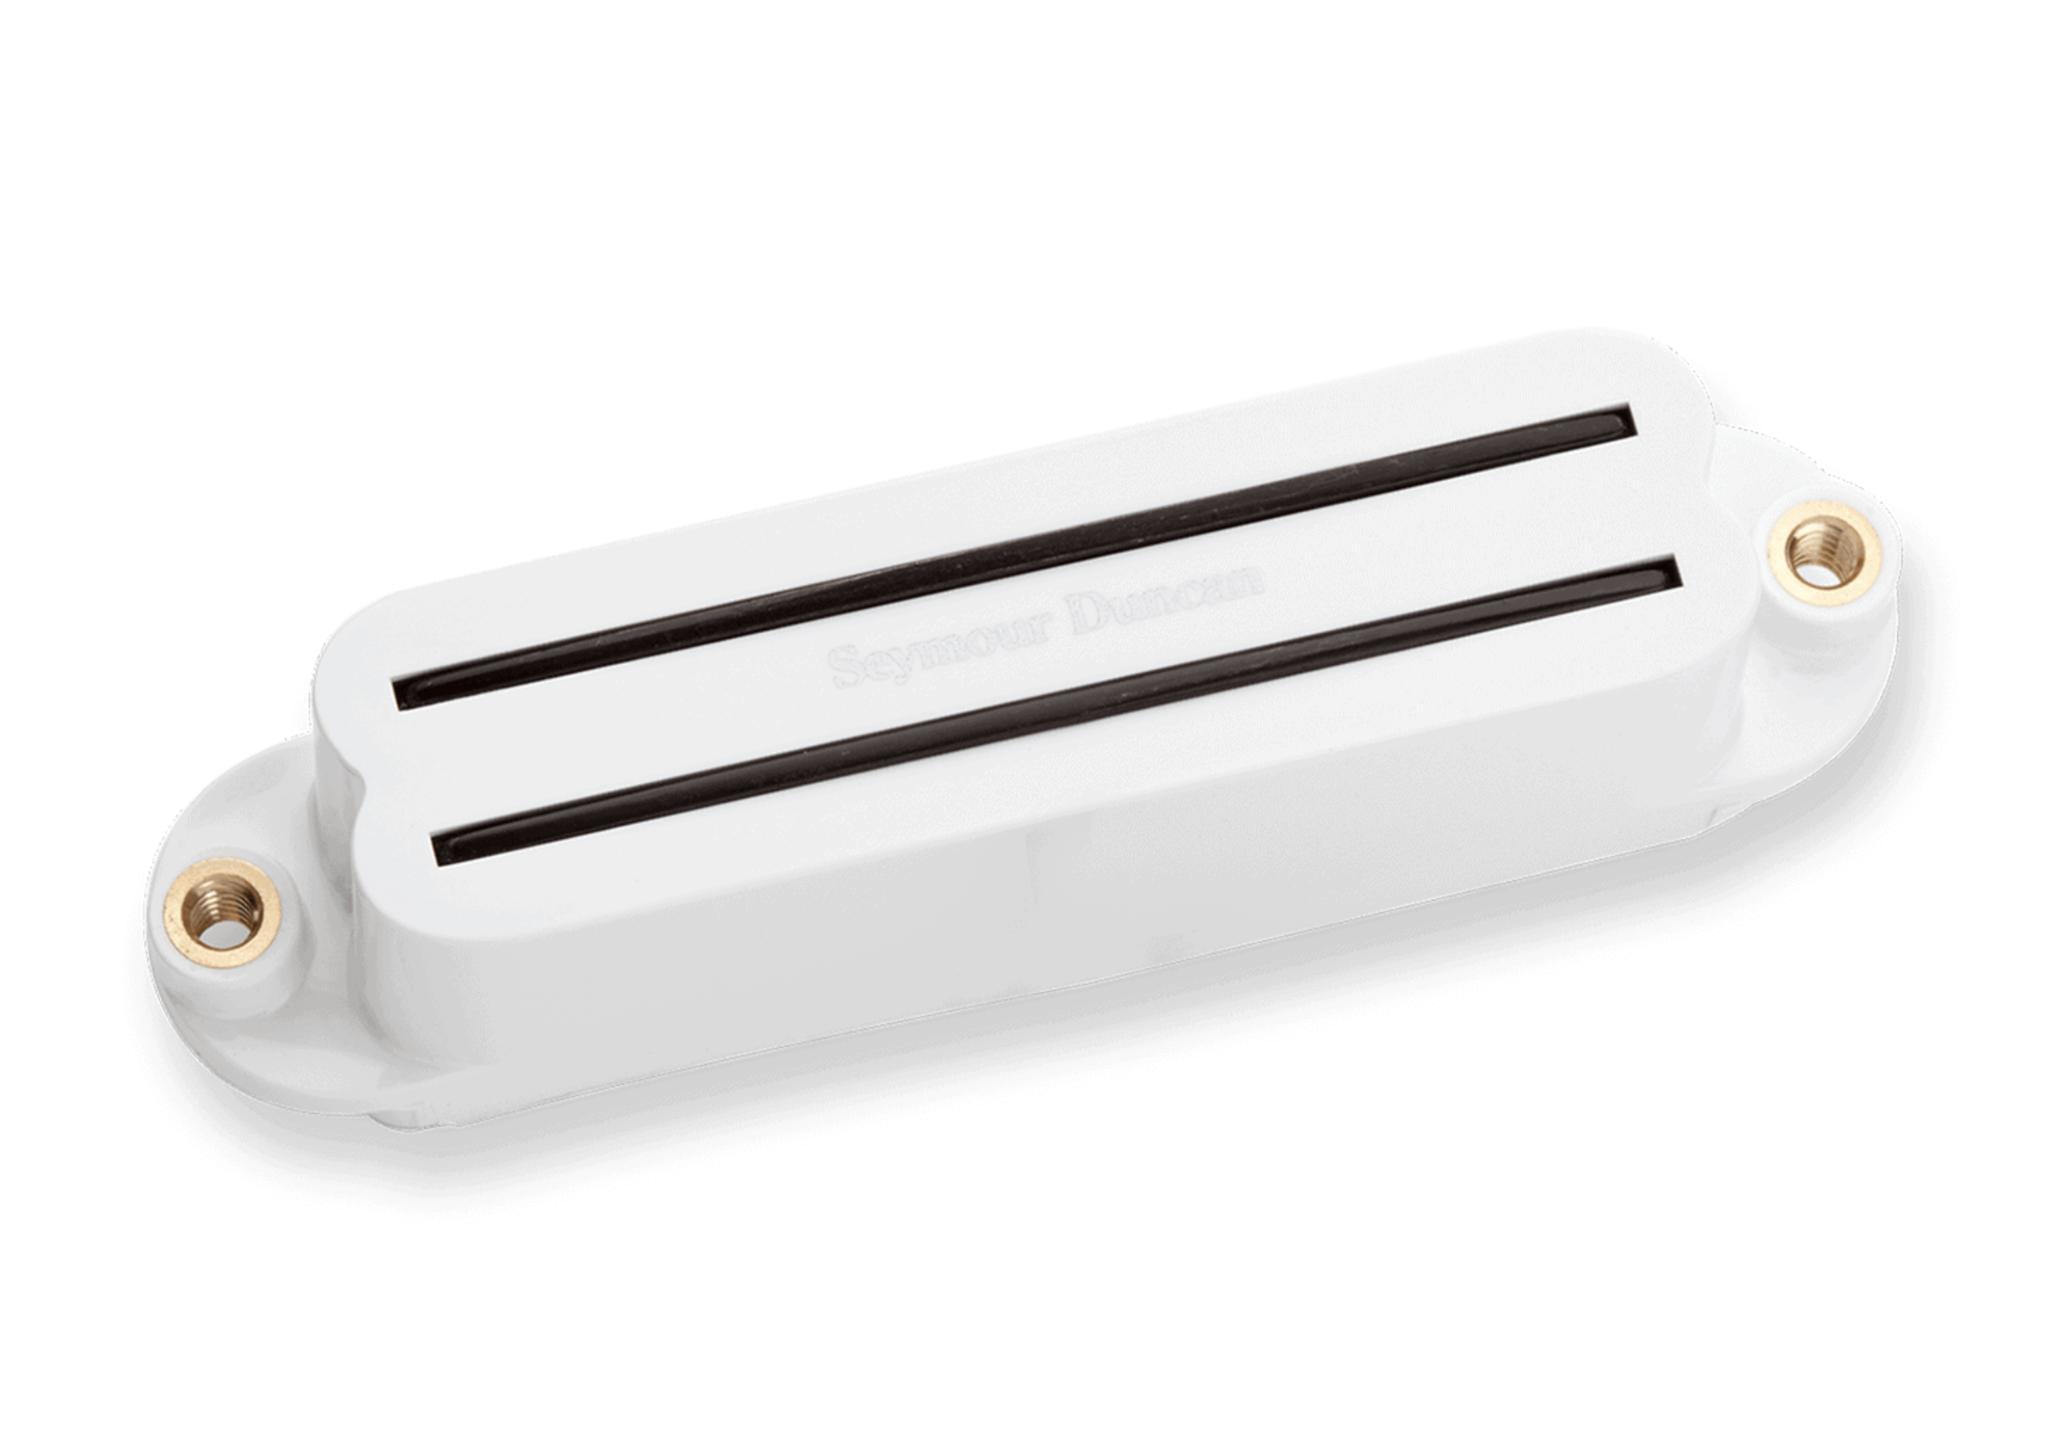 Seymour Duncan Hot Rails for Strat White SHR-1b Bridge-1